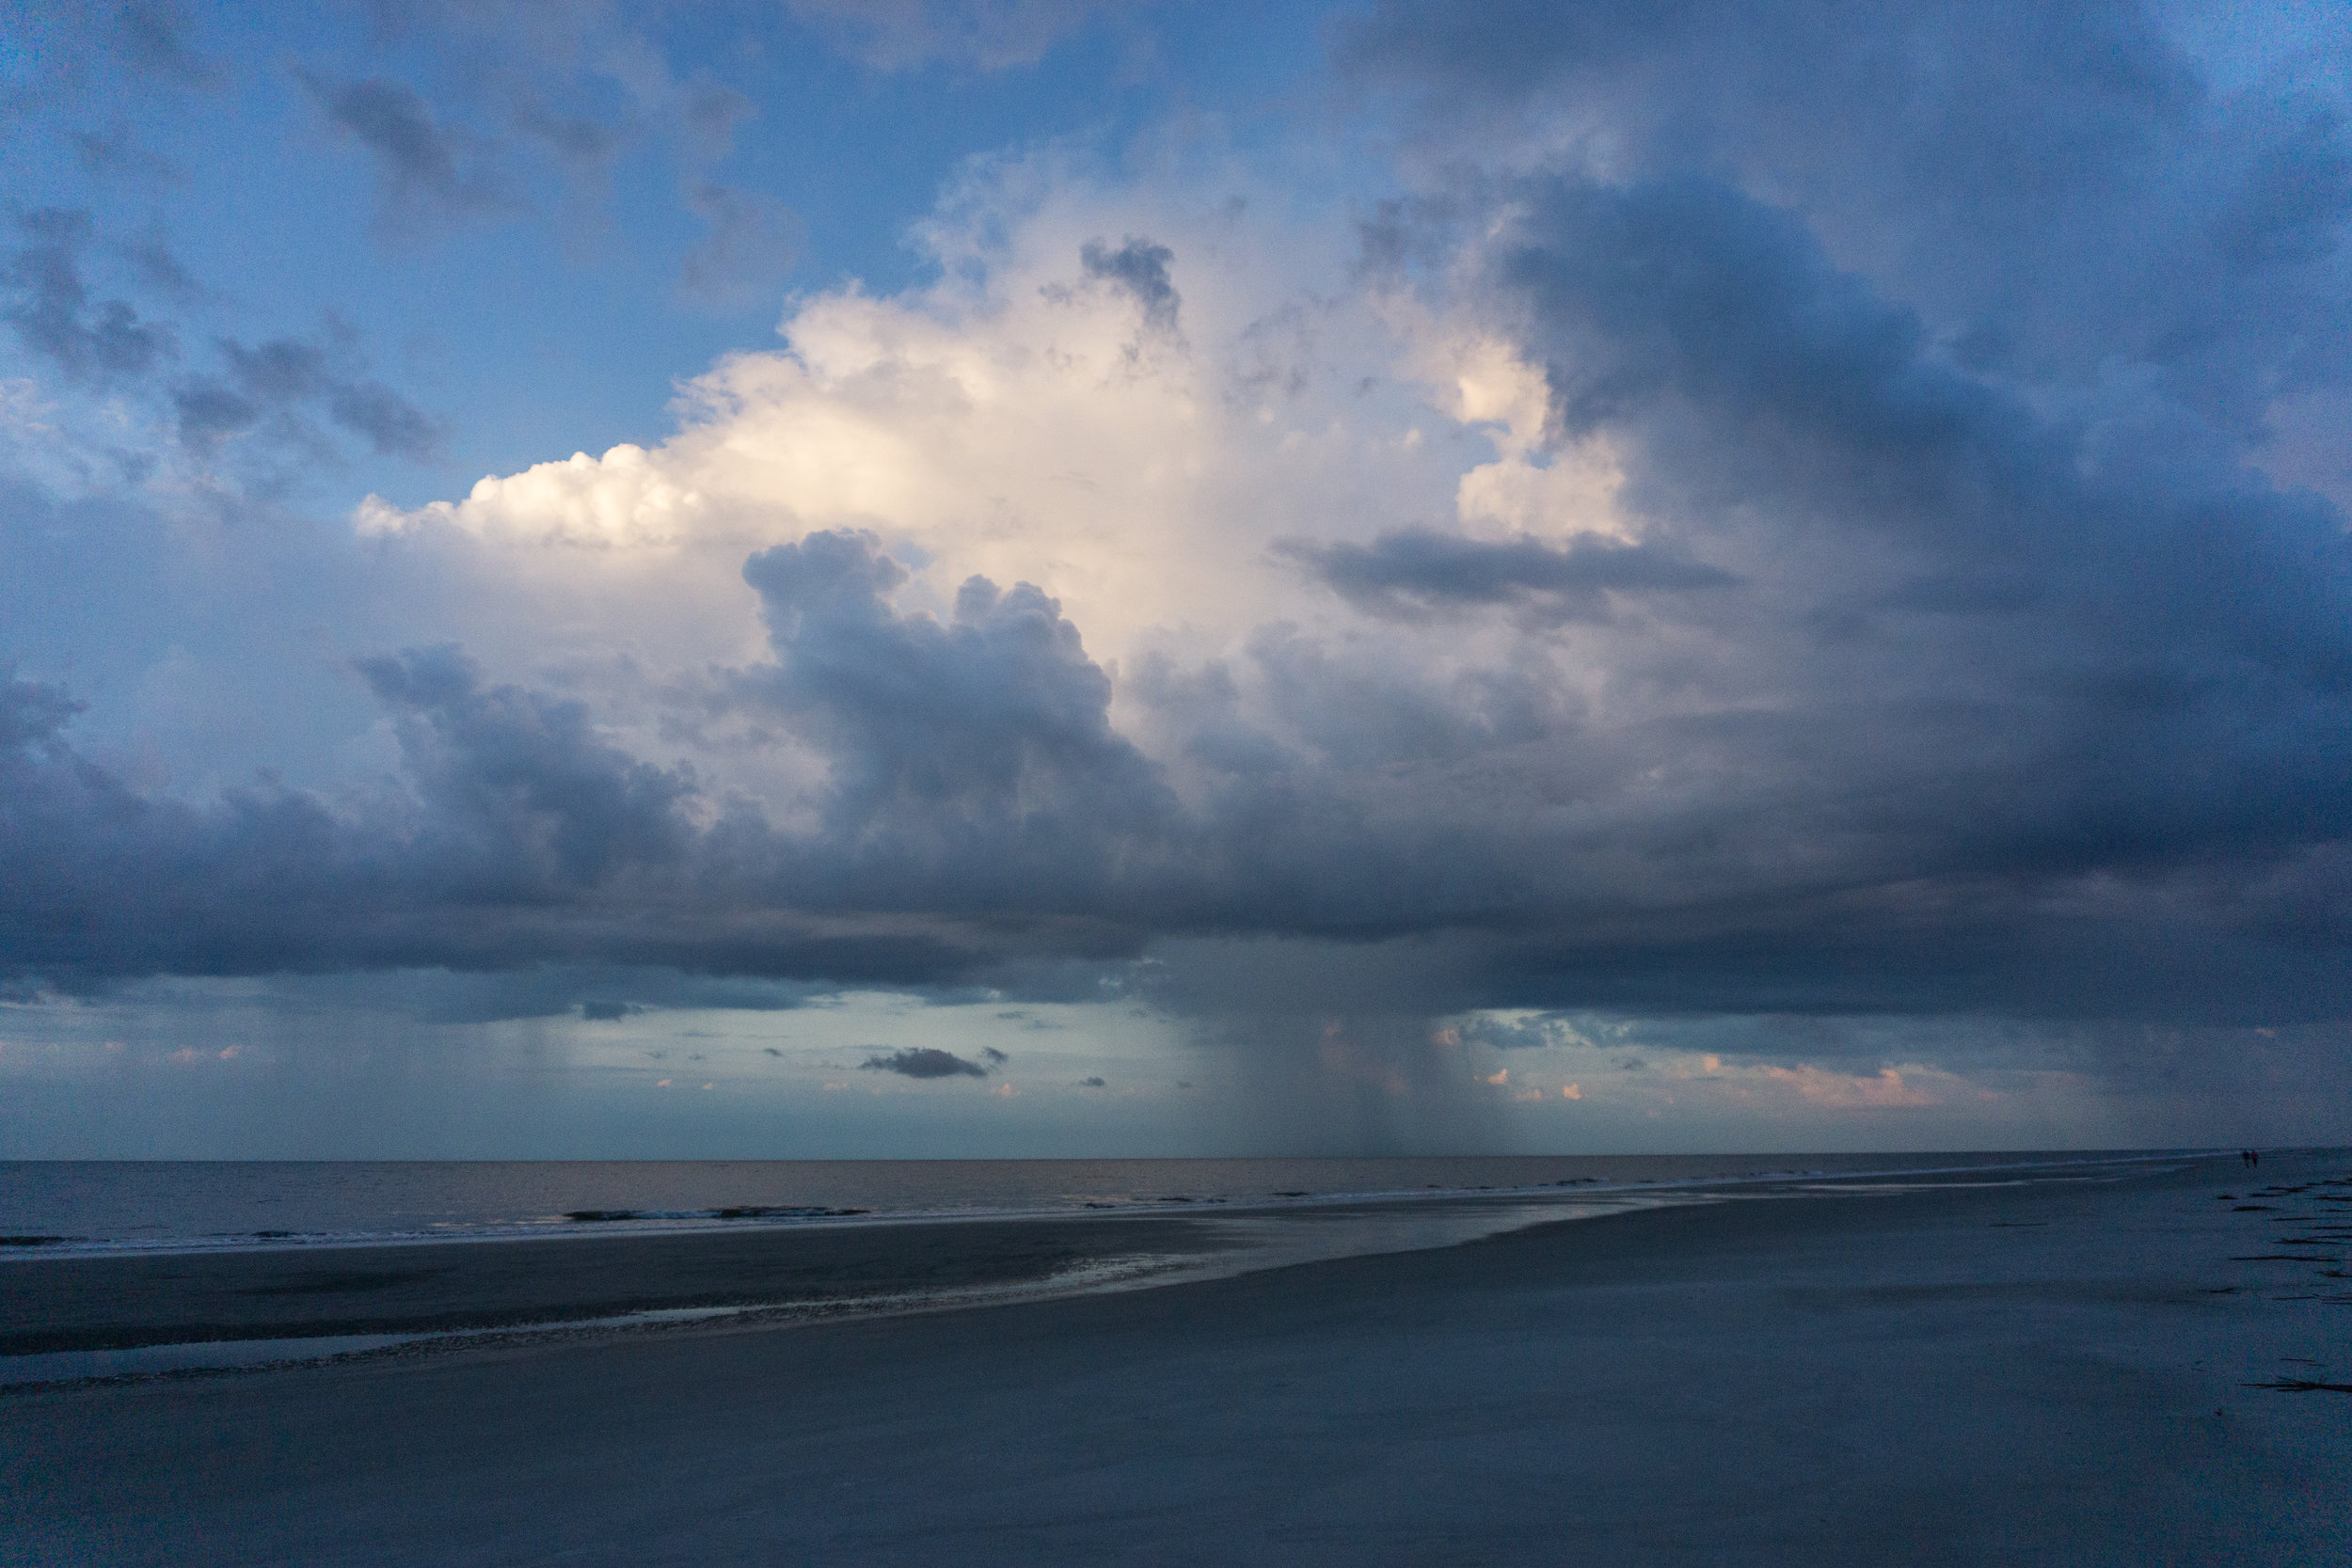 Rainclouds off the coast of Hilton Head Island